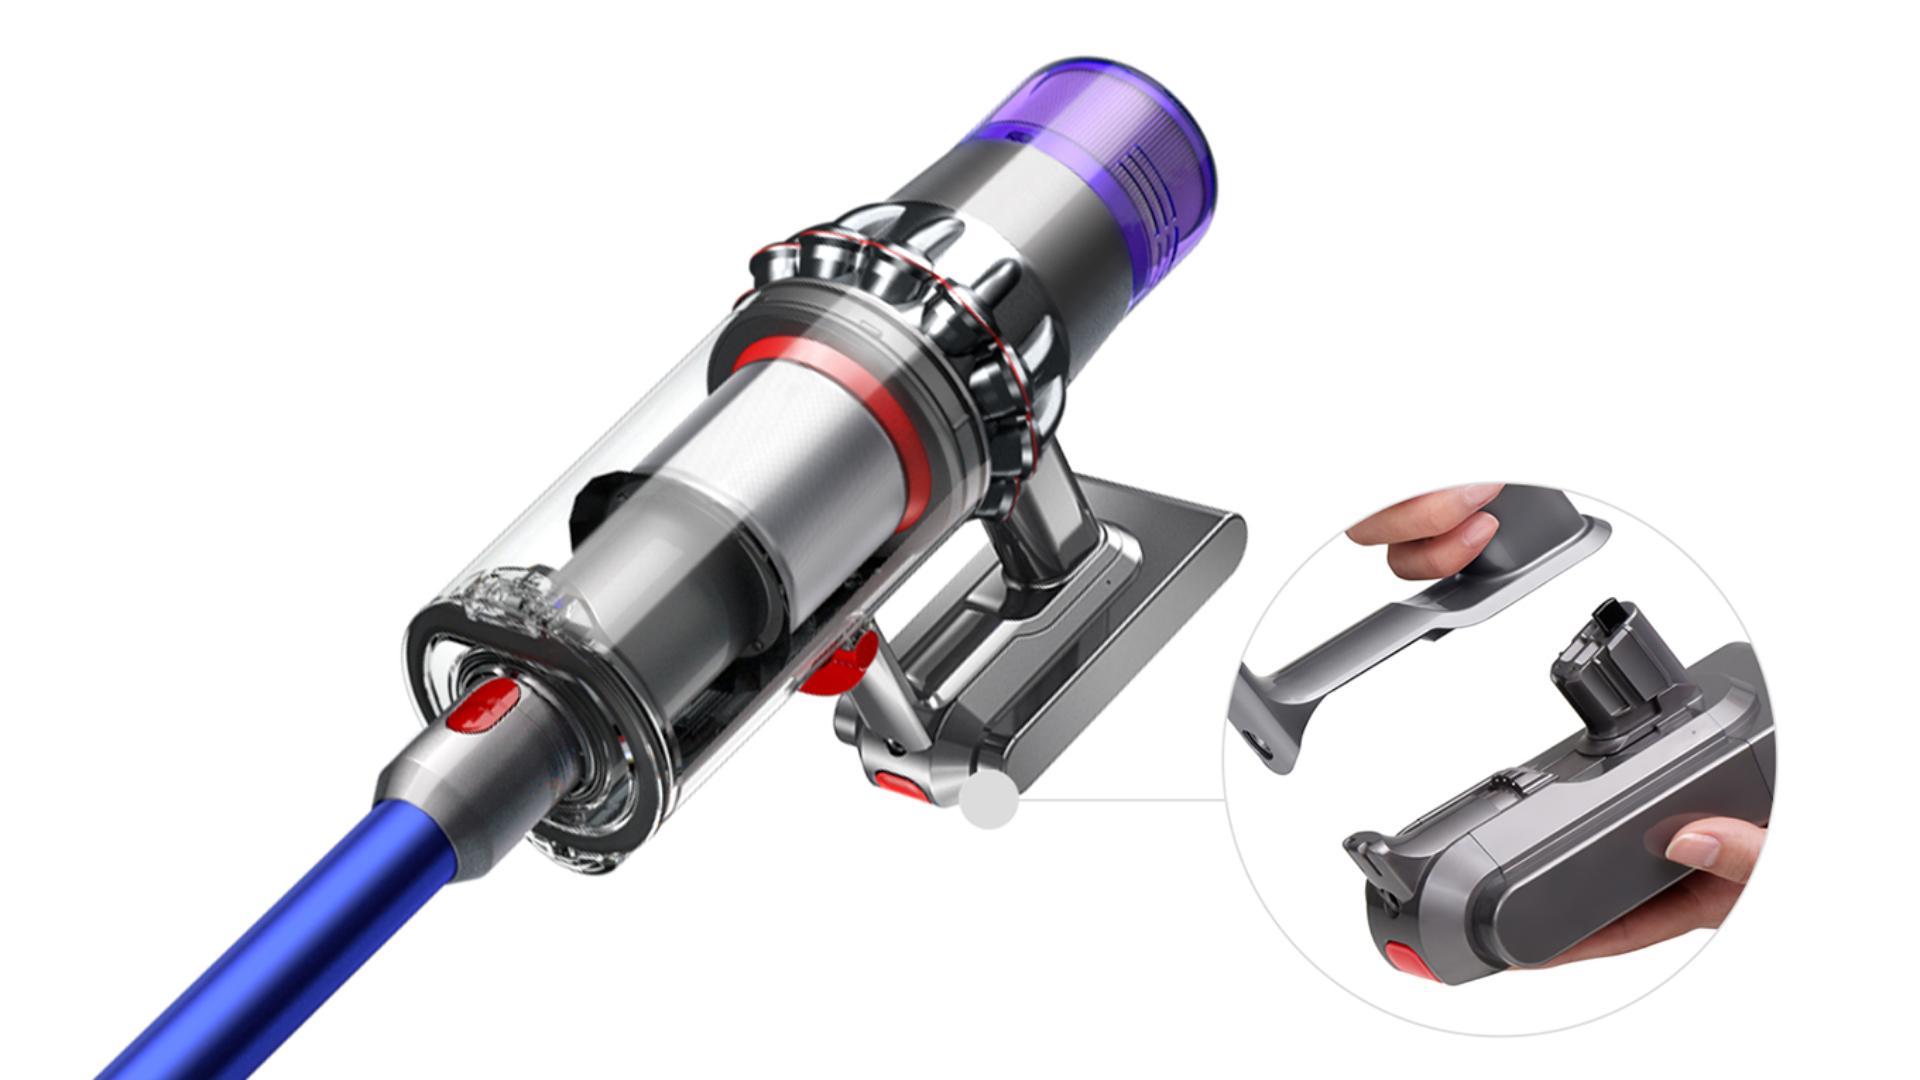 Bepattintható tartalék akkumulátor Dyson V11 (2020-as modellekhez) vezeték nélküli porszívóhoz